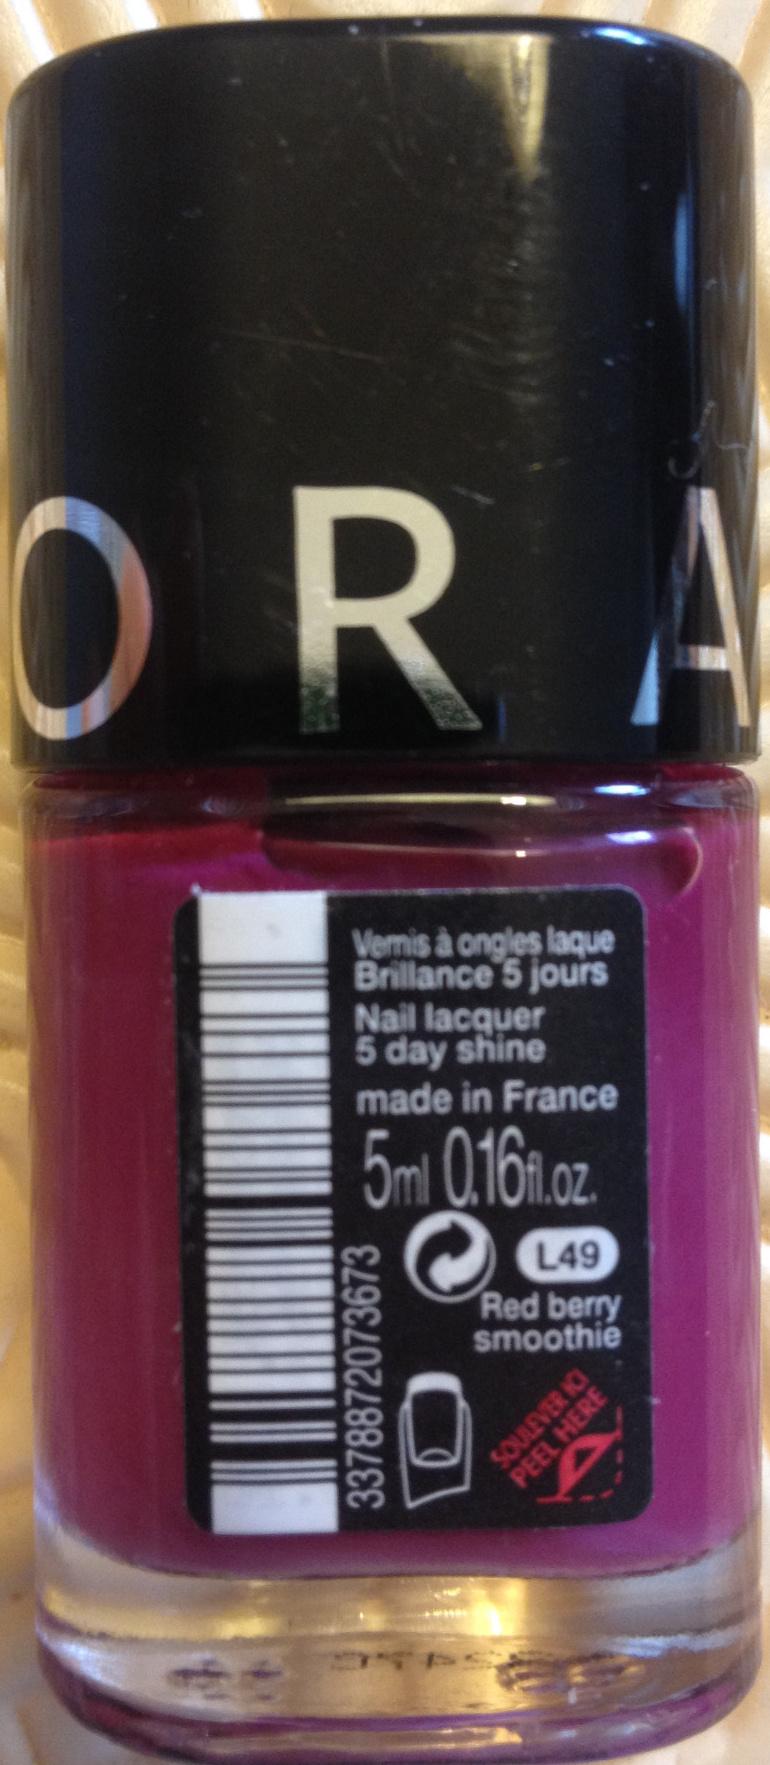 Vernis à ongles Brillance 5 jours L49 - Product